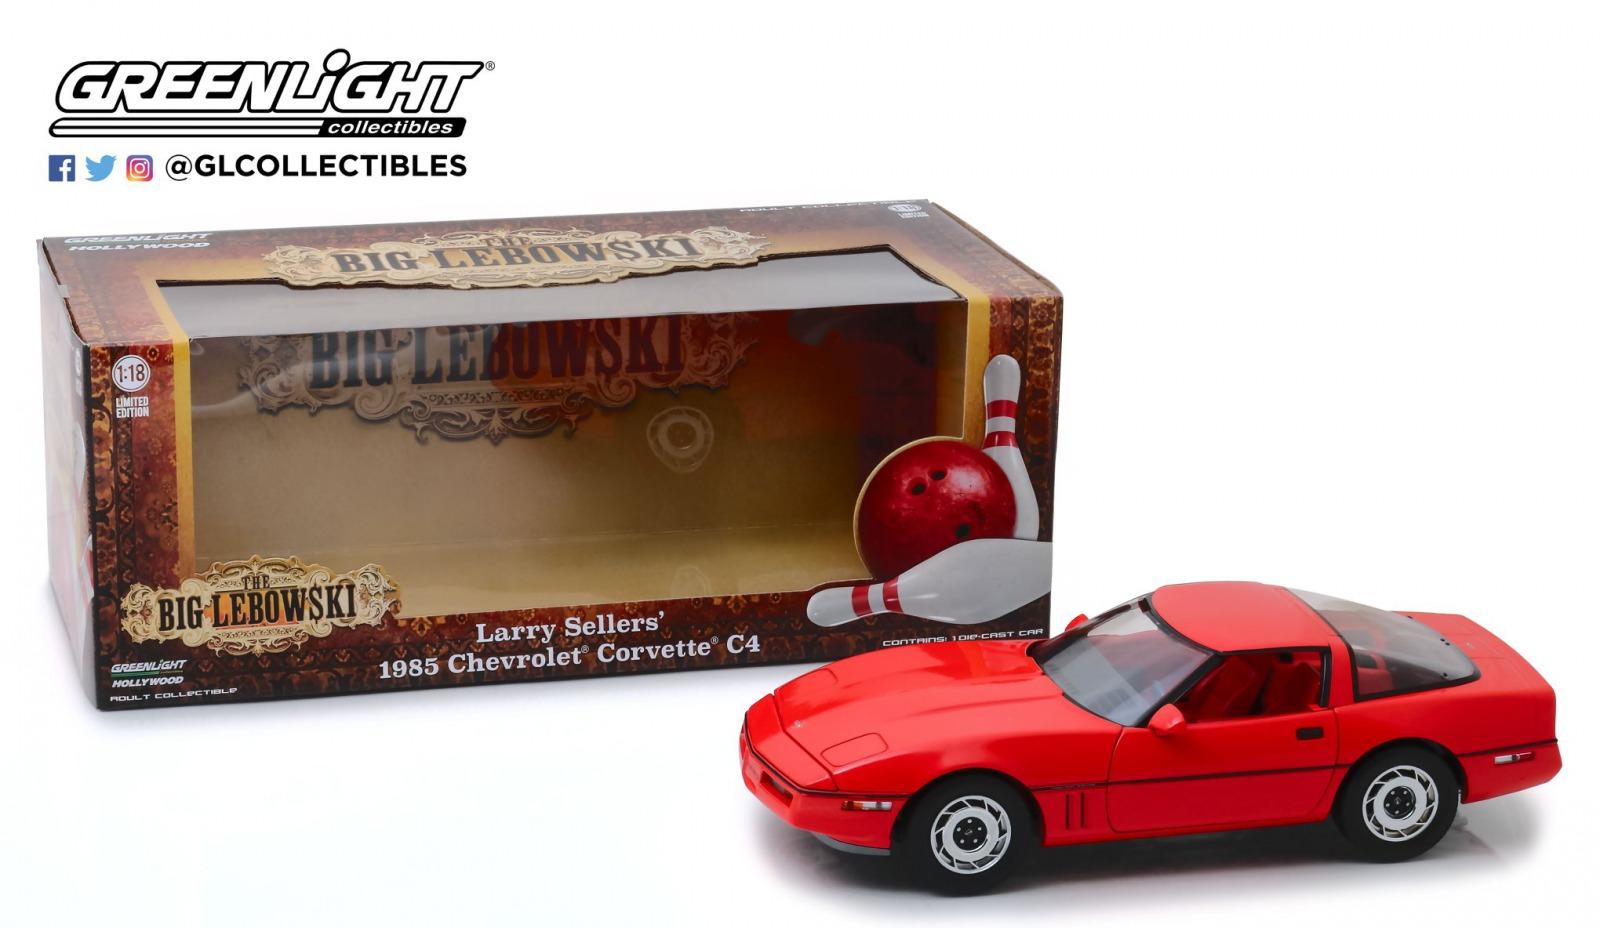 Greenlight グリーンライト 1/18 ミニカー ダイキャストモデル 映画「ビッグ・リボウスキ」1985年モデル シボレー コルベット C41985 Chevrolet Corvette C4 (Little Larry Sellers')